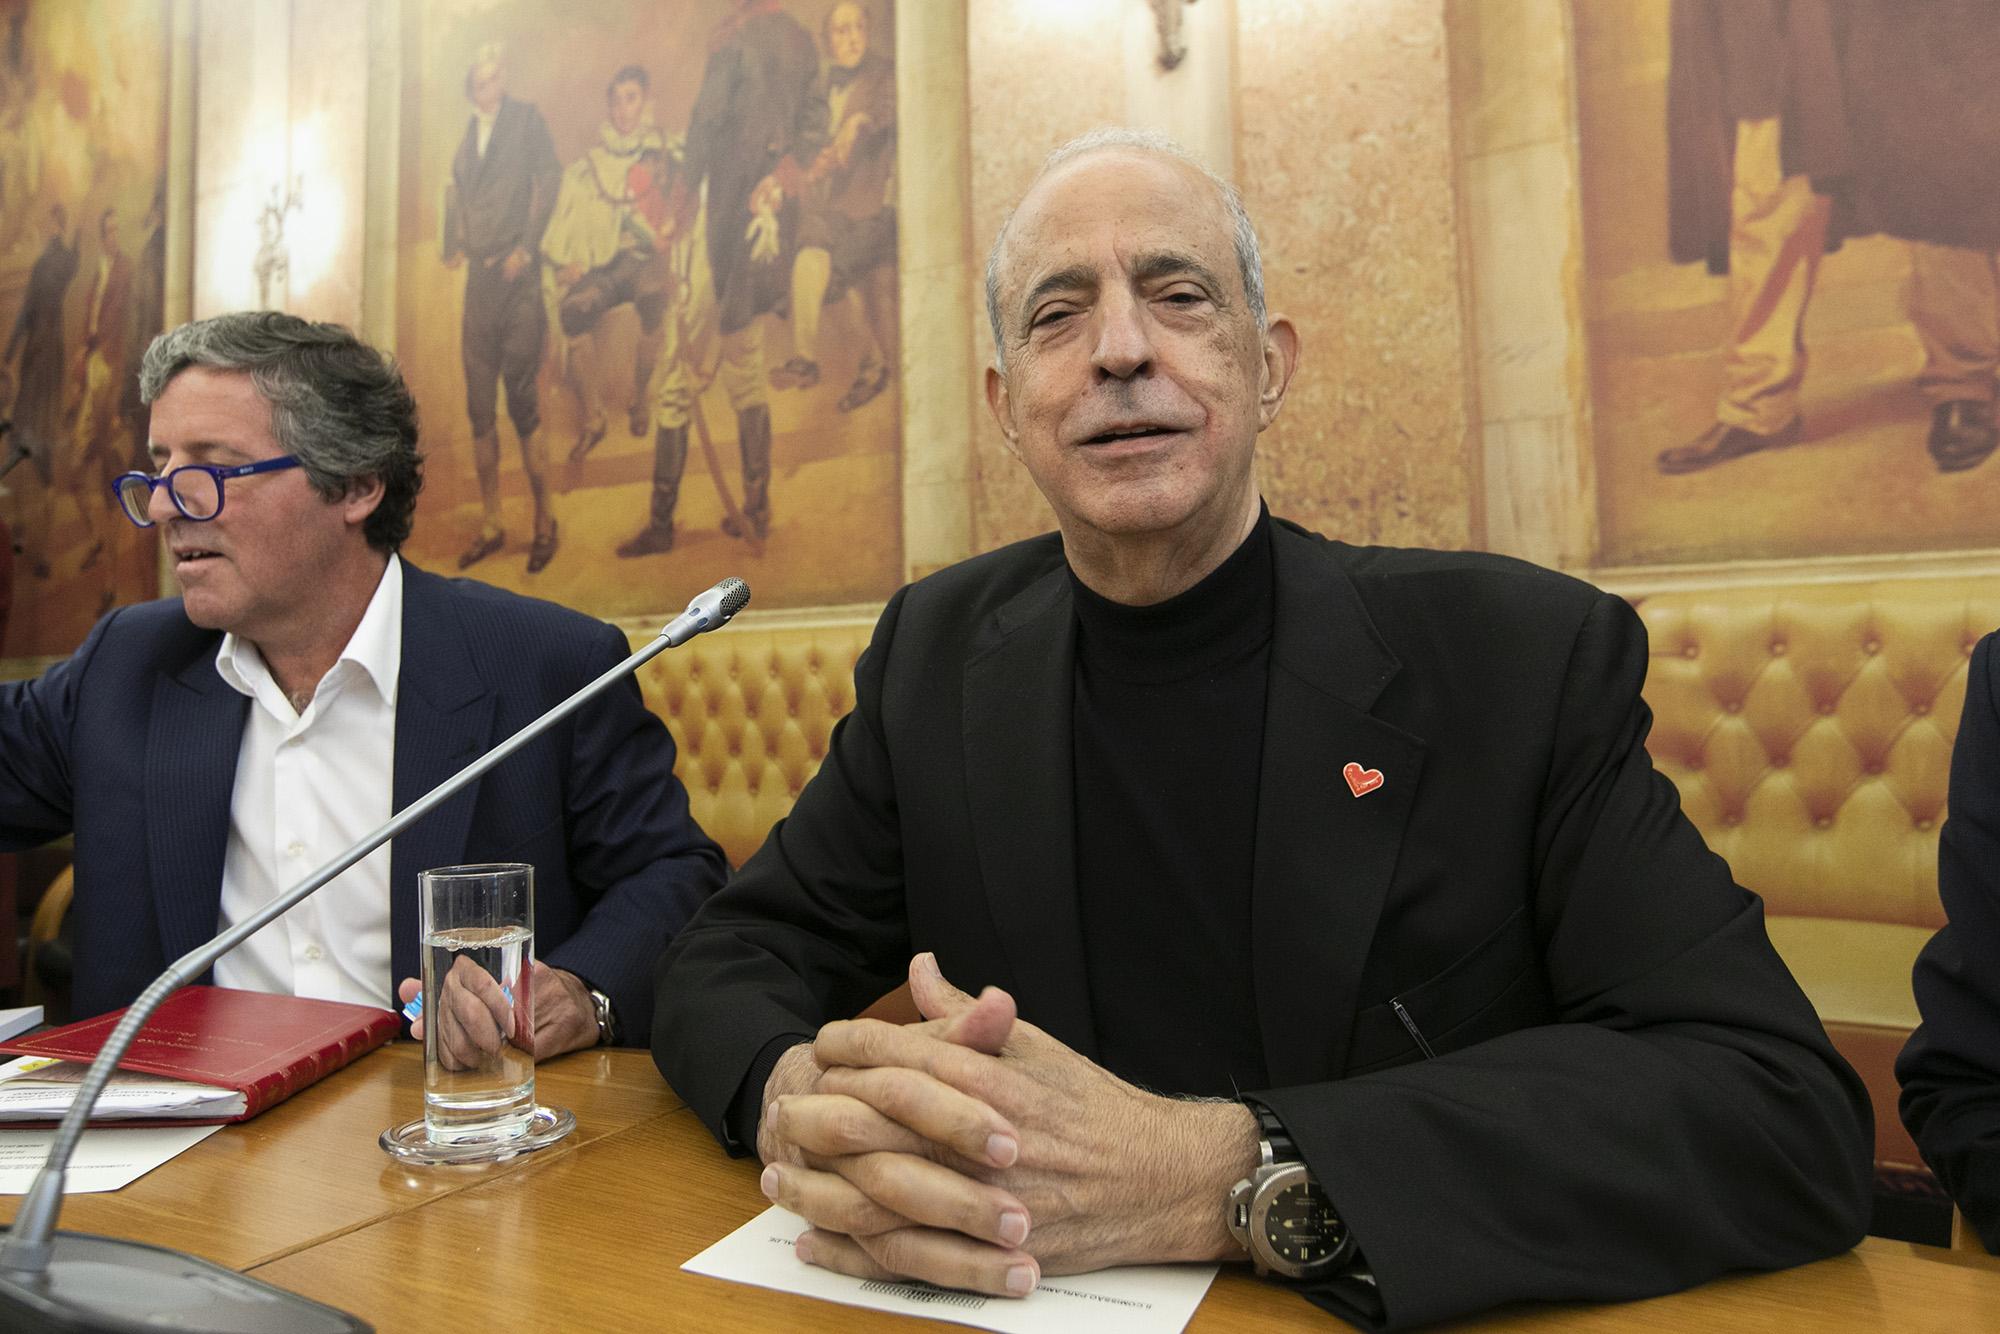 Audição do Comendador José Manuel Rodrigues Berardo perante a II COMISSÃO PARLAMENTAR DE INQUÉRITO À RECAPITALIZAÇÃO DA CAIXA GERAL DE DEPÓSITOS E À GESTÃO DO BANCO - 10MAI19